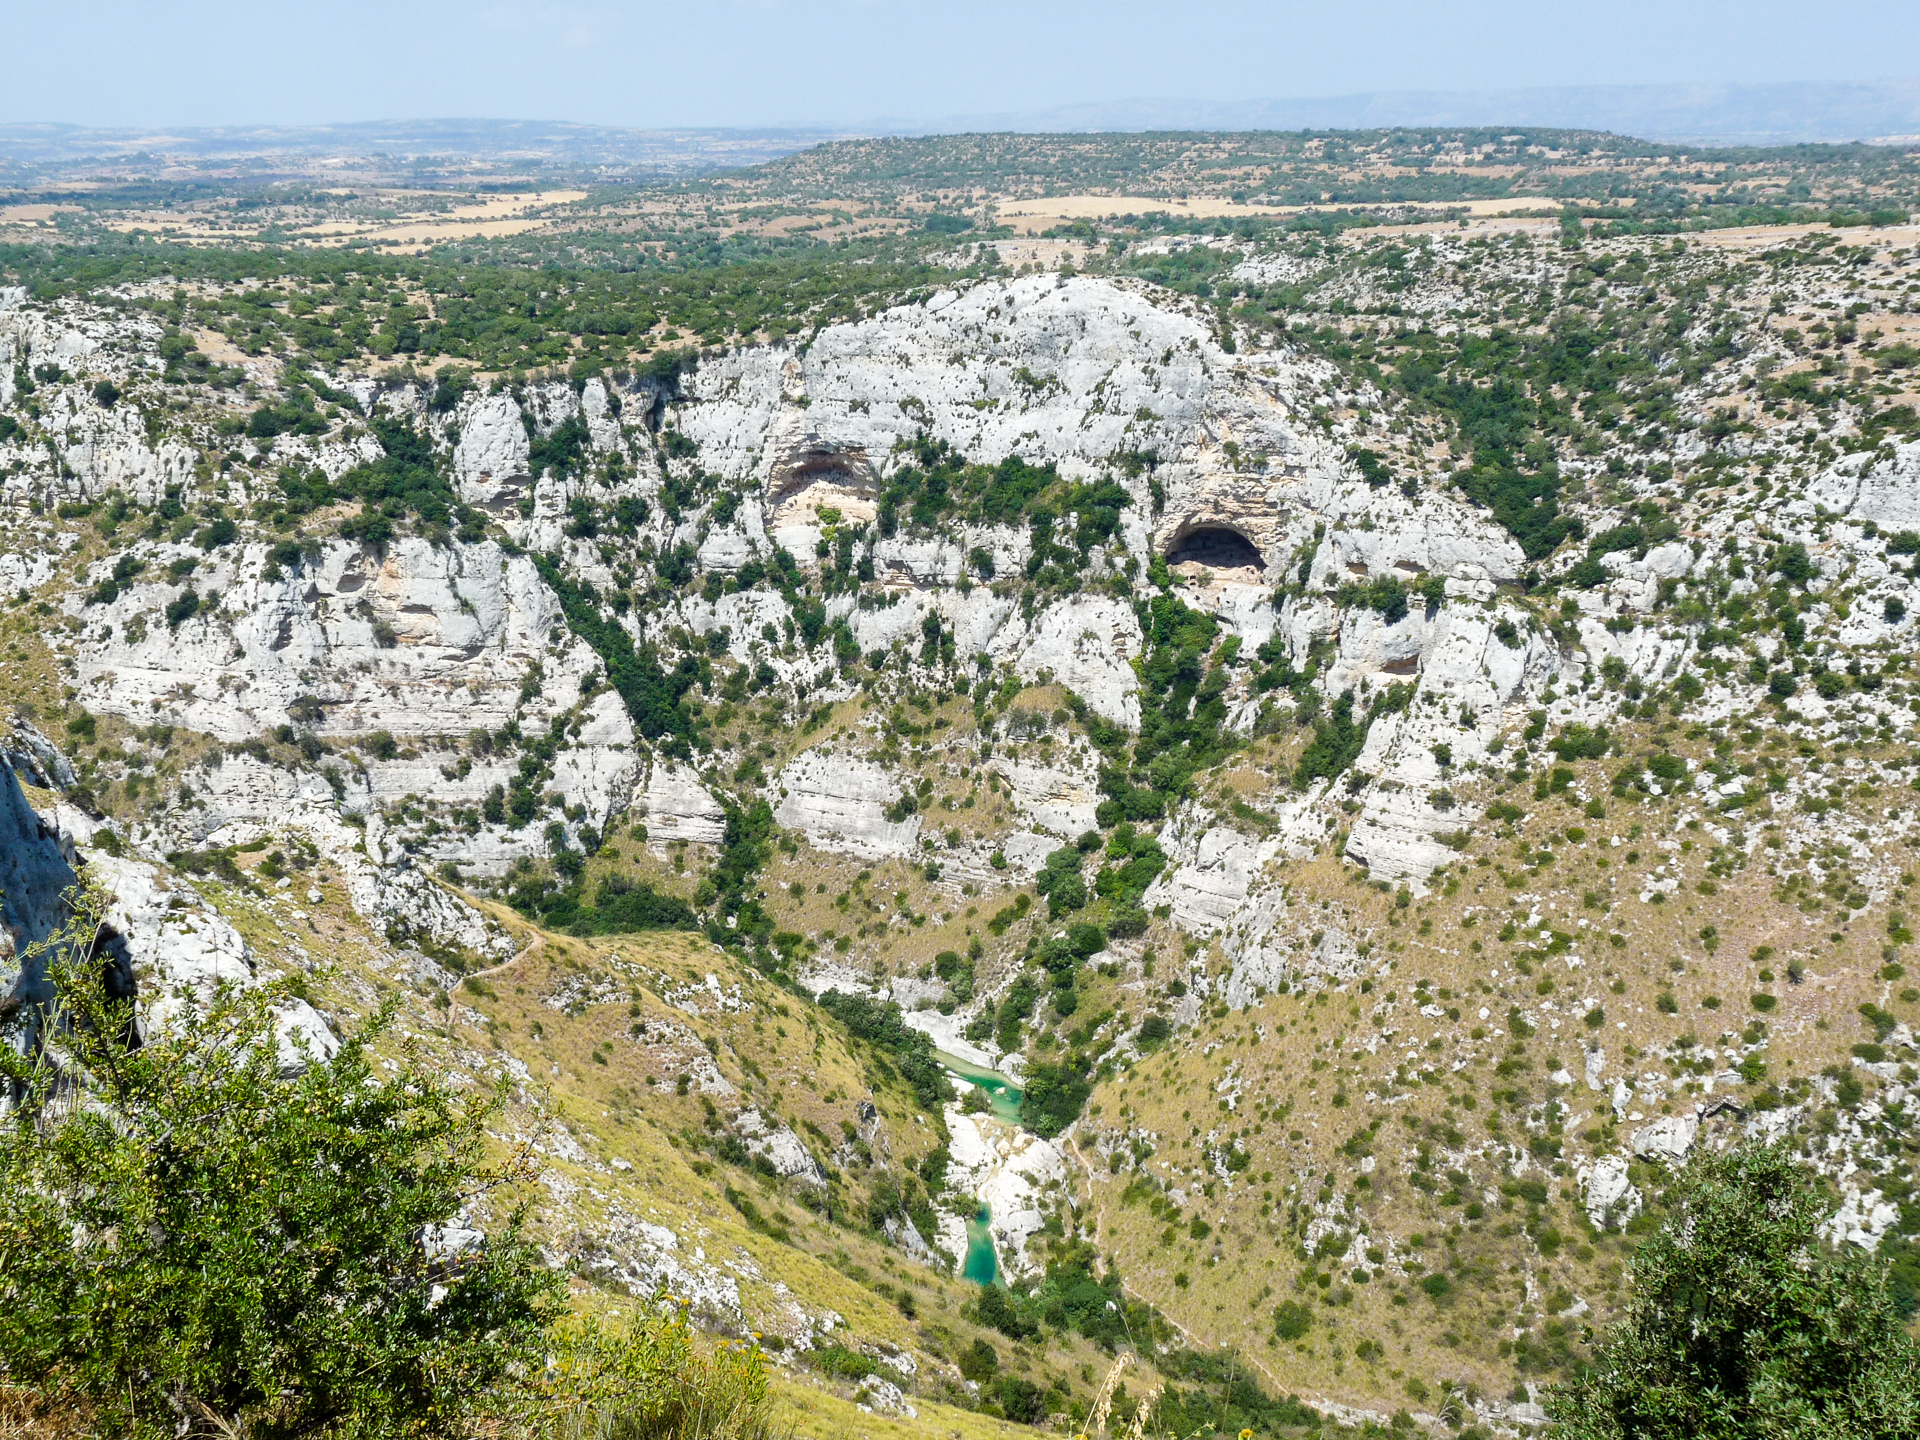 Cavagrande del Cassibile nei pressi di Avola antica